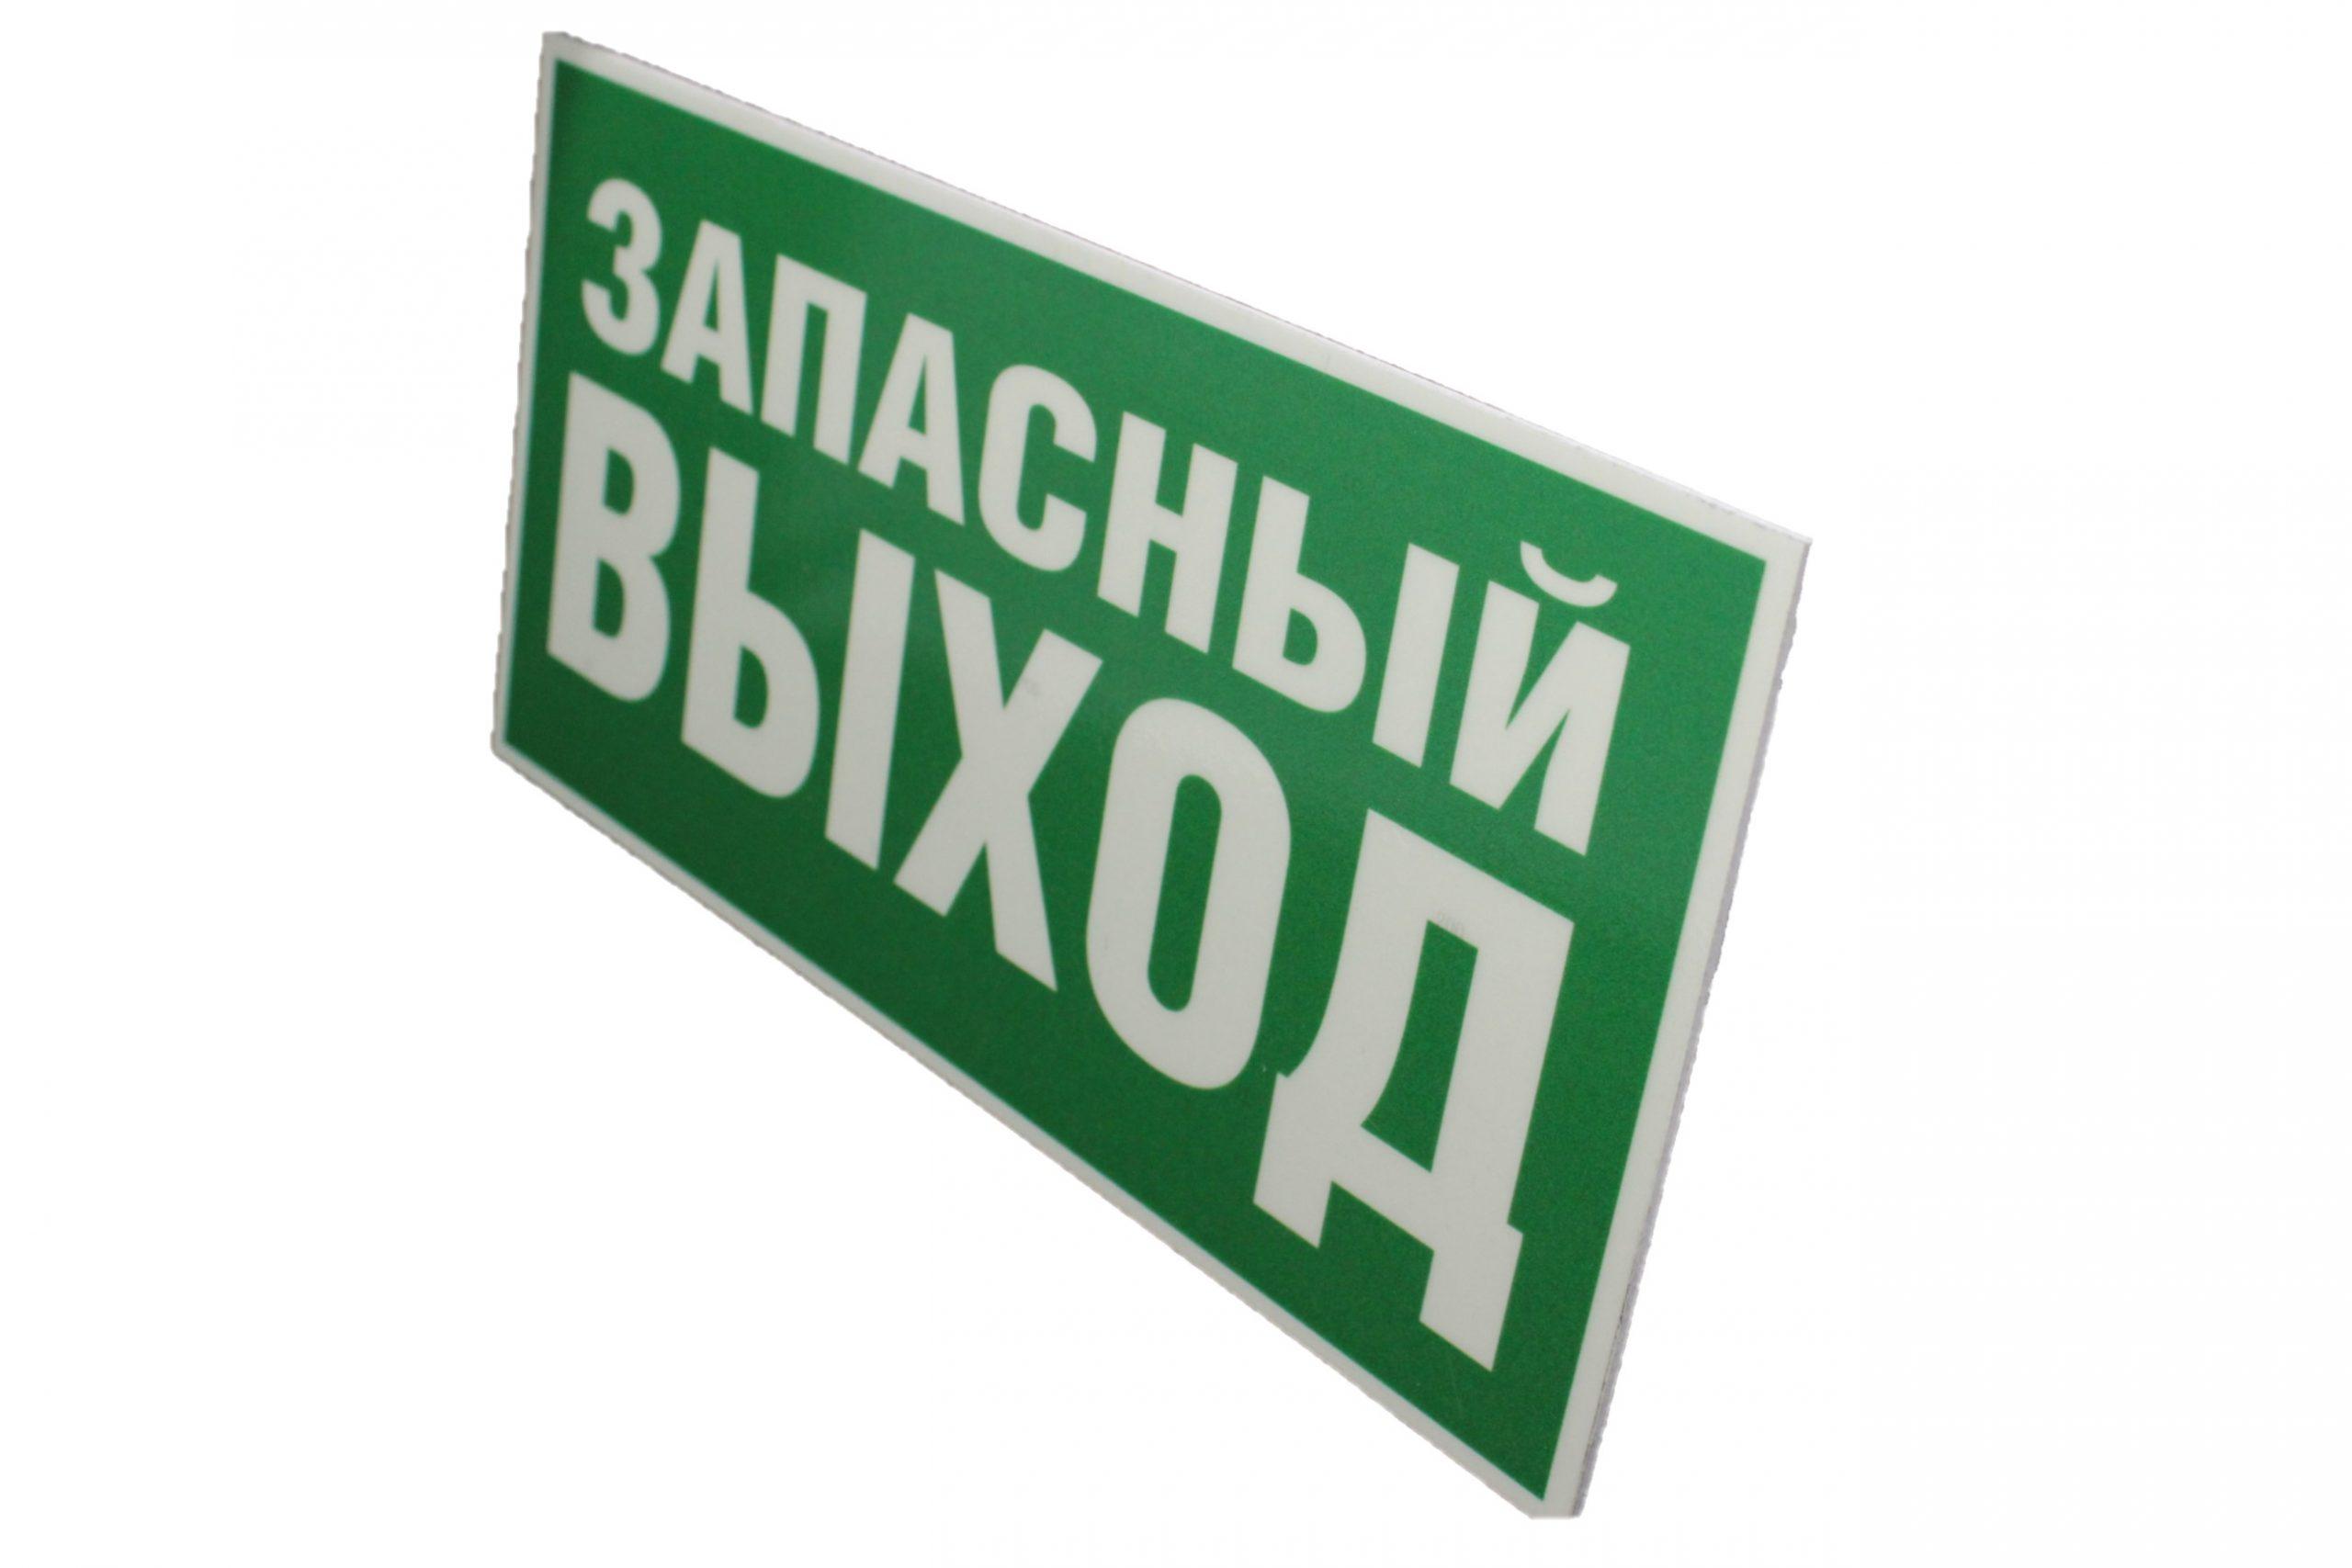 Знак эвакуации фотолюминесцентный Запасный выход